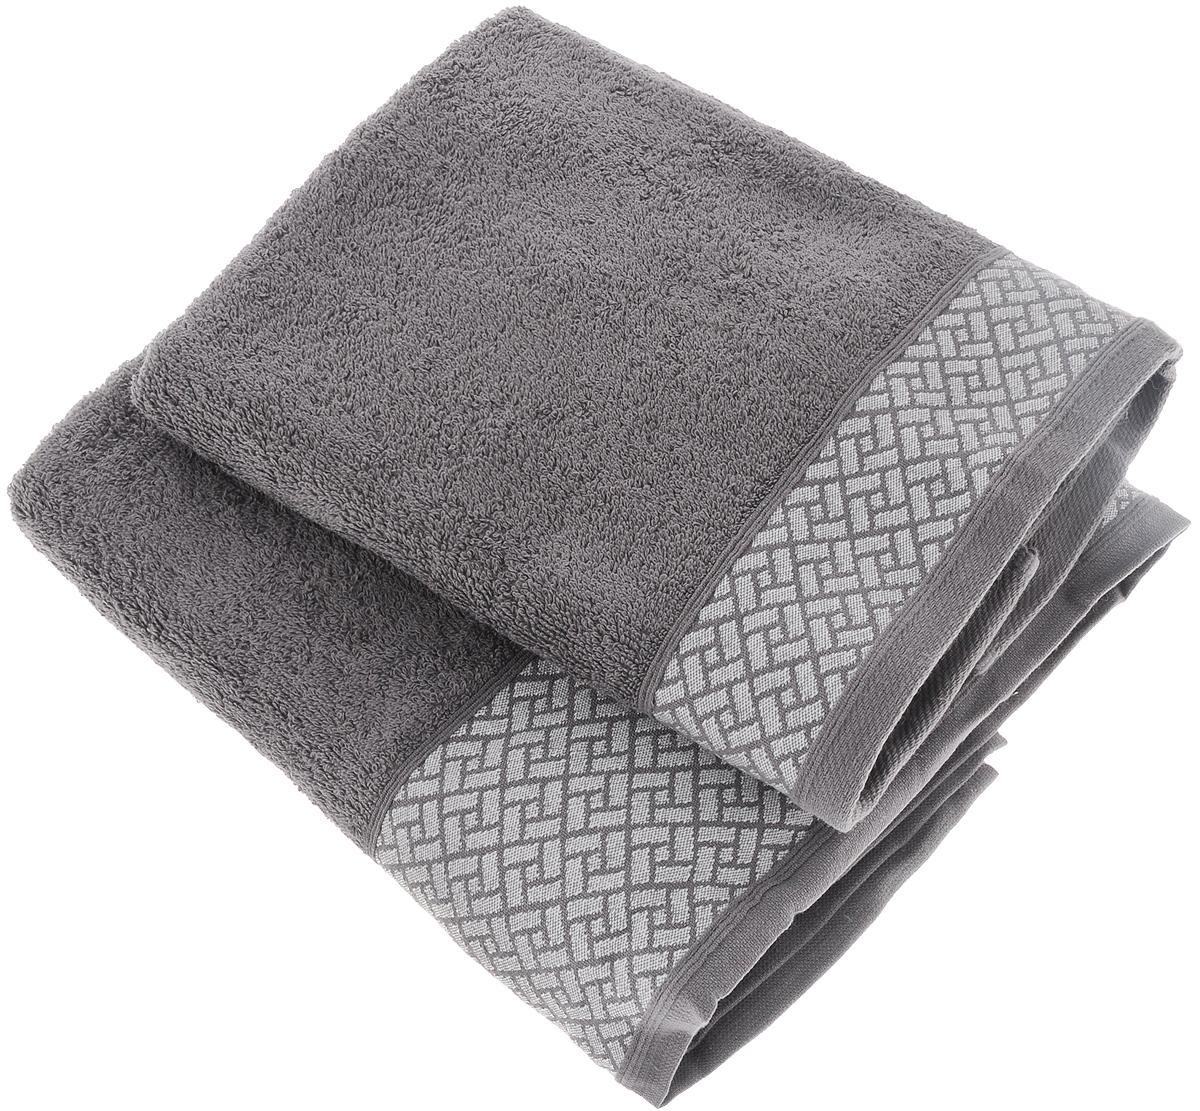 Набор полотенец Tete-a-Tete Лабиринт, цвет: серый, 2 шт. УНП-109-03кУНП-109-03кНабор Tete-a-Tete Лабиринт состоит из двух махровых полотенец, выполненных из натурального 100% хлопка. Бордюр полотенец декорирован геометрическим узором. Изделия мягкие, отлично впитывают влагу, быстро сохнут, сохраняют яркость цвета и не теряют форму даже после многократных стирок. Полотенца Tete-a-Tete Лабиринт очень практичны и неприхотливы в уходе. Они легко впишутся в любой интерьер благодаря своей нежной цветовой гамме.Размеры полотенец: 50 х 90 см, 70 х 140 см.